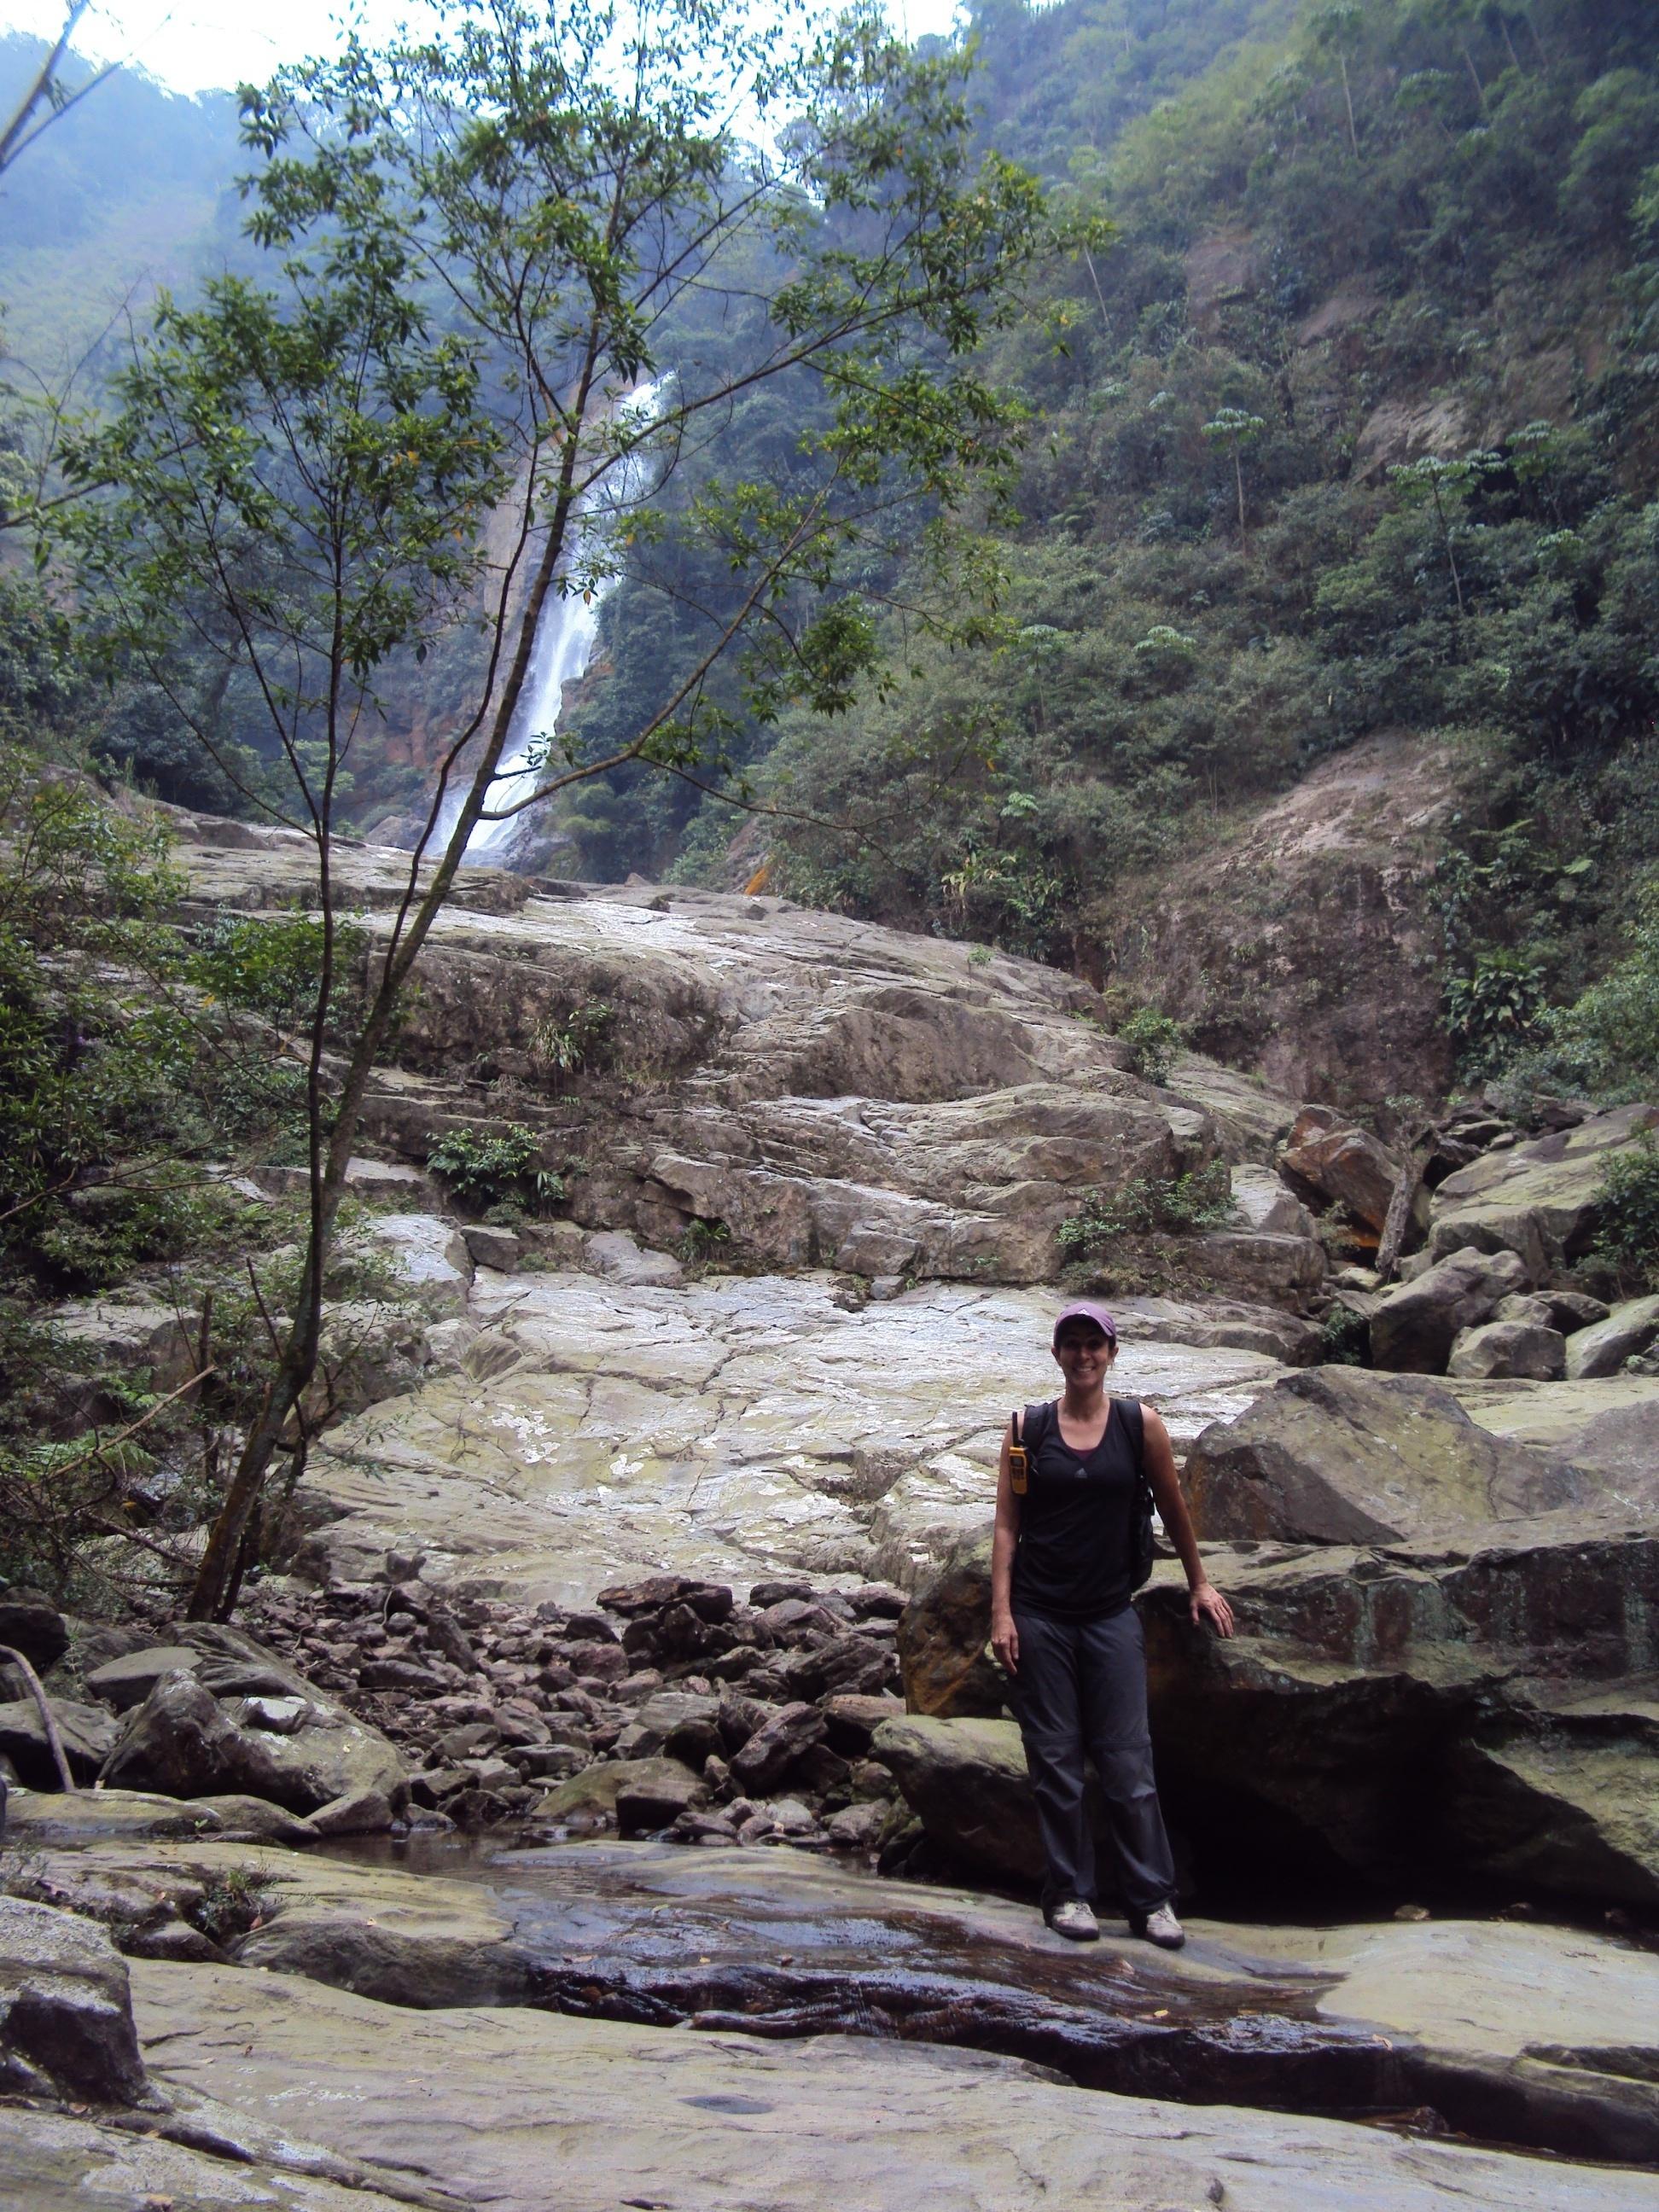 Vale das cachoeiras novembro 2014 063.jpg